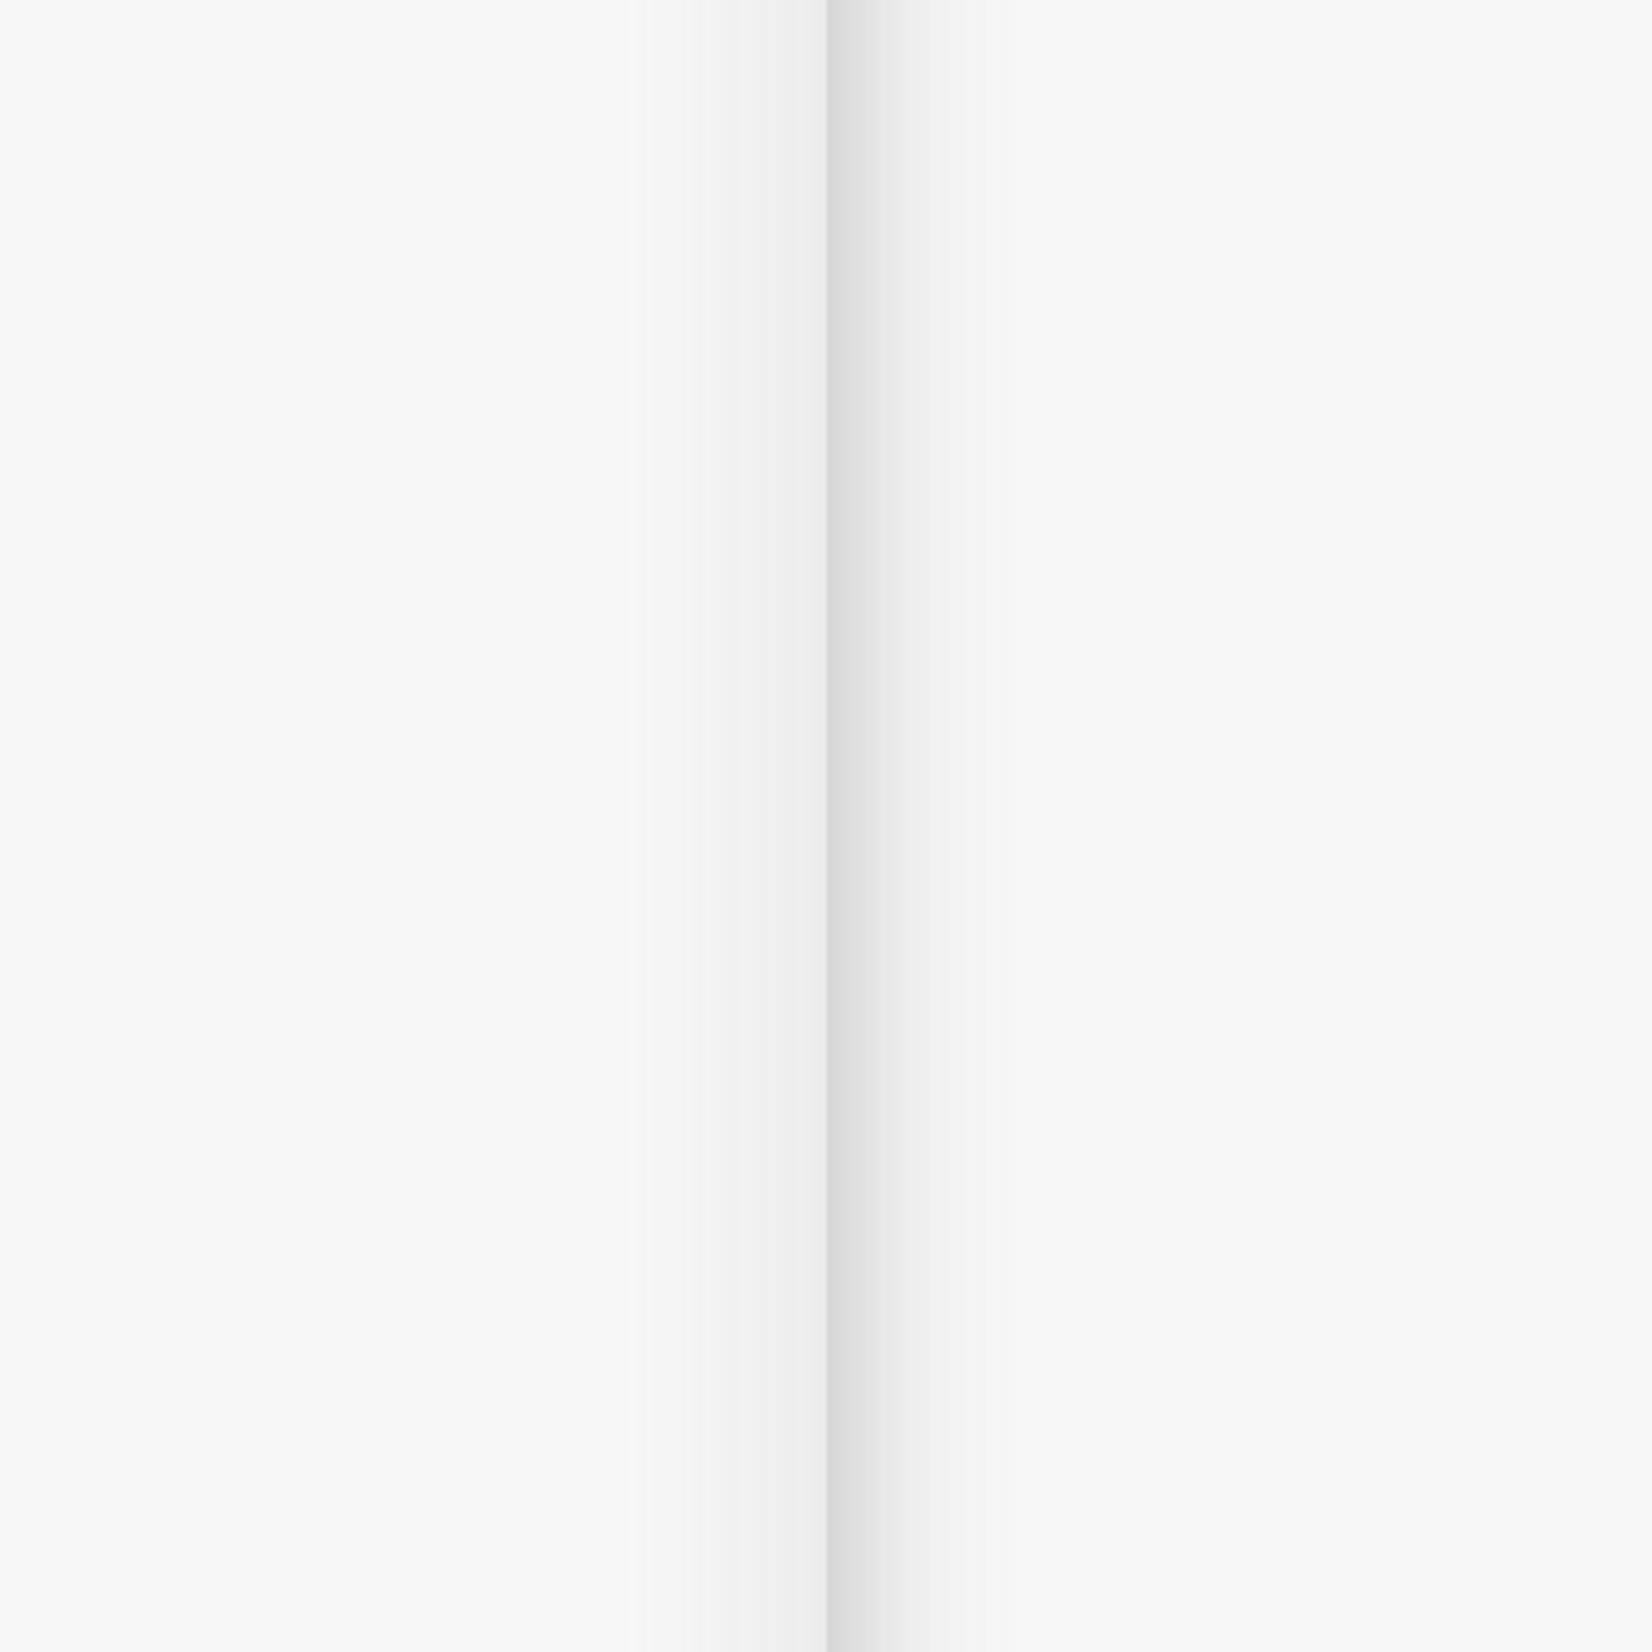 Brunnen Heft A5 20 Blatt - glatt - unliniert